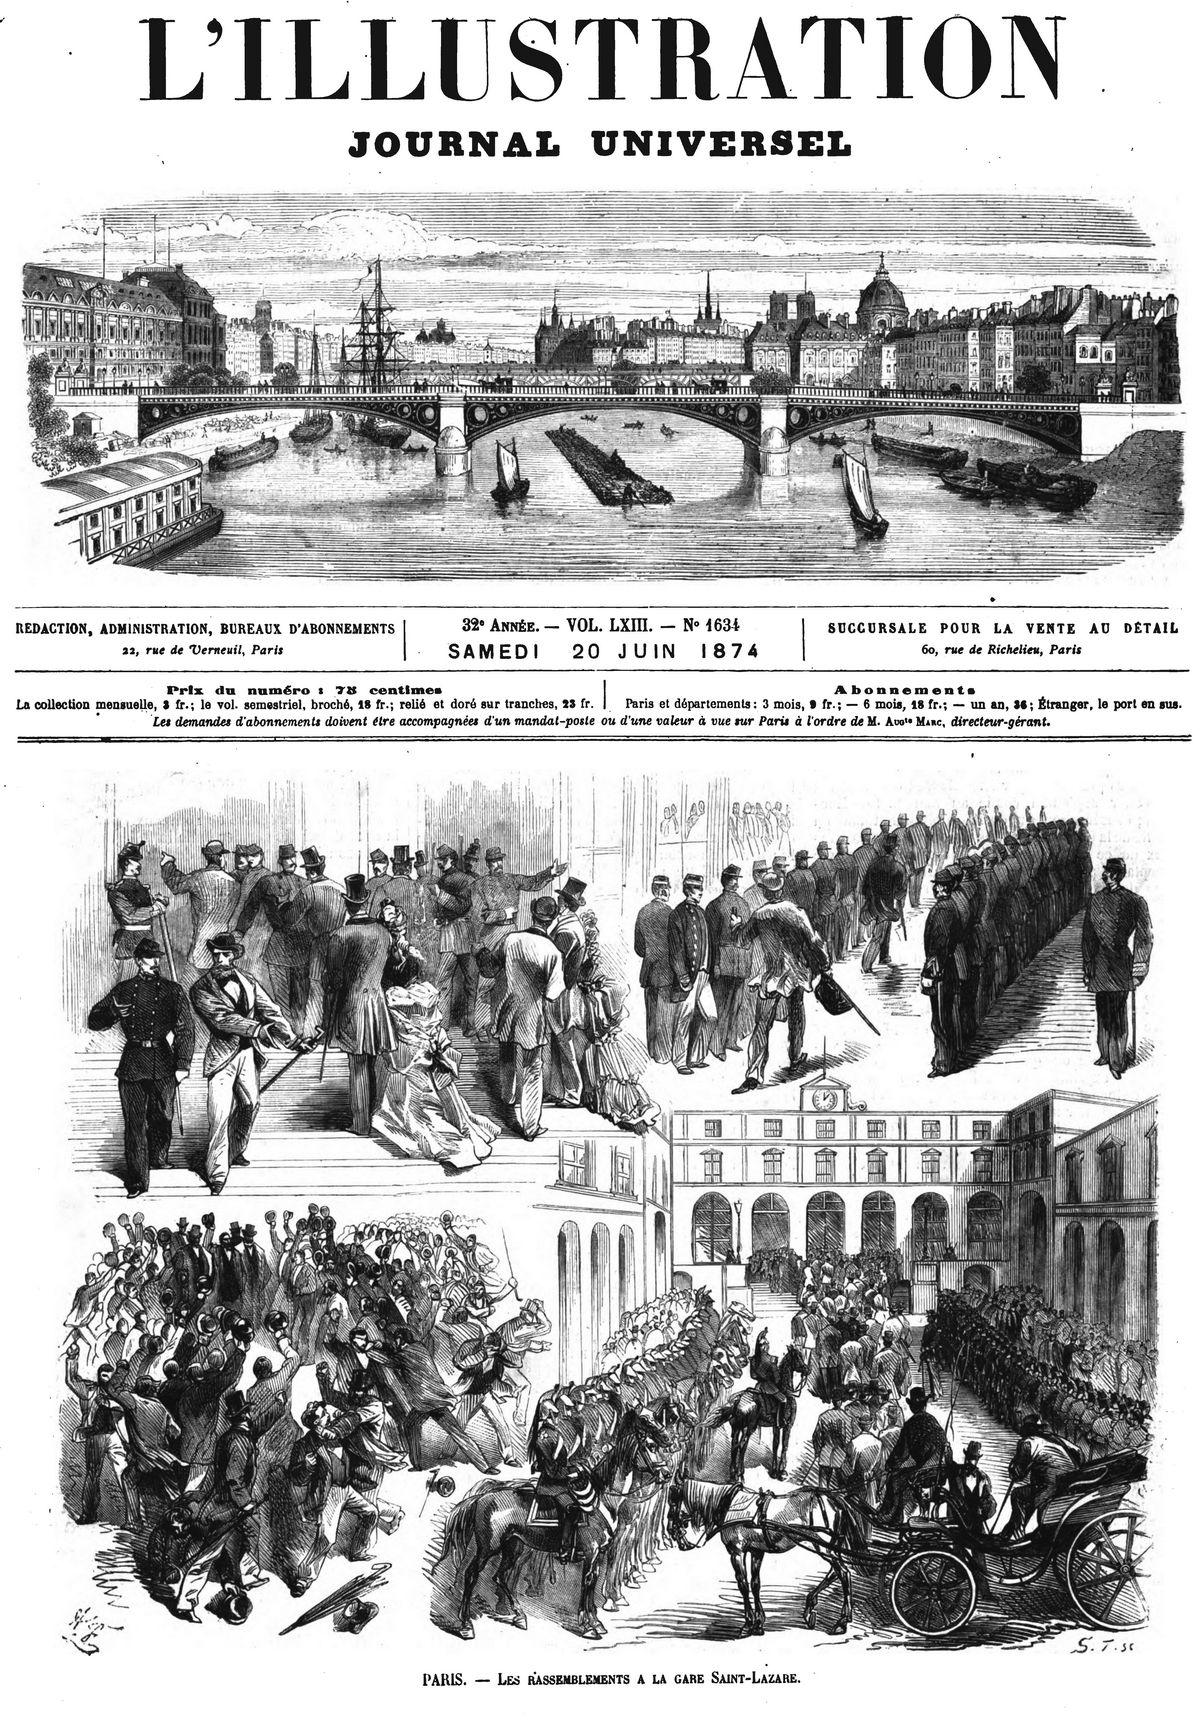 Paris : les rassemblements à la gare Saint-Lazare.